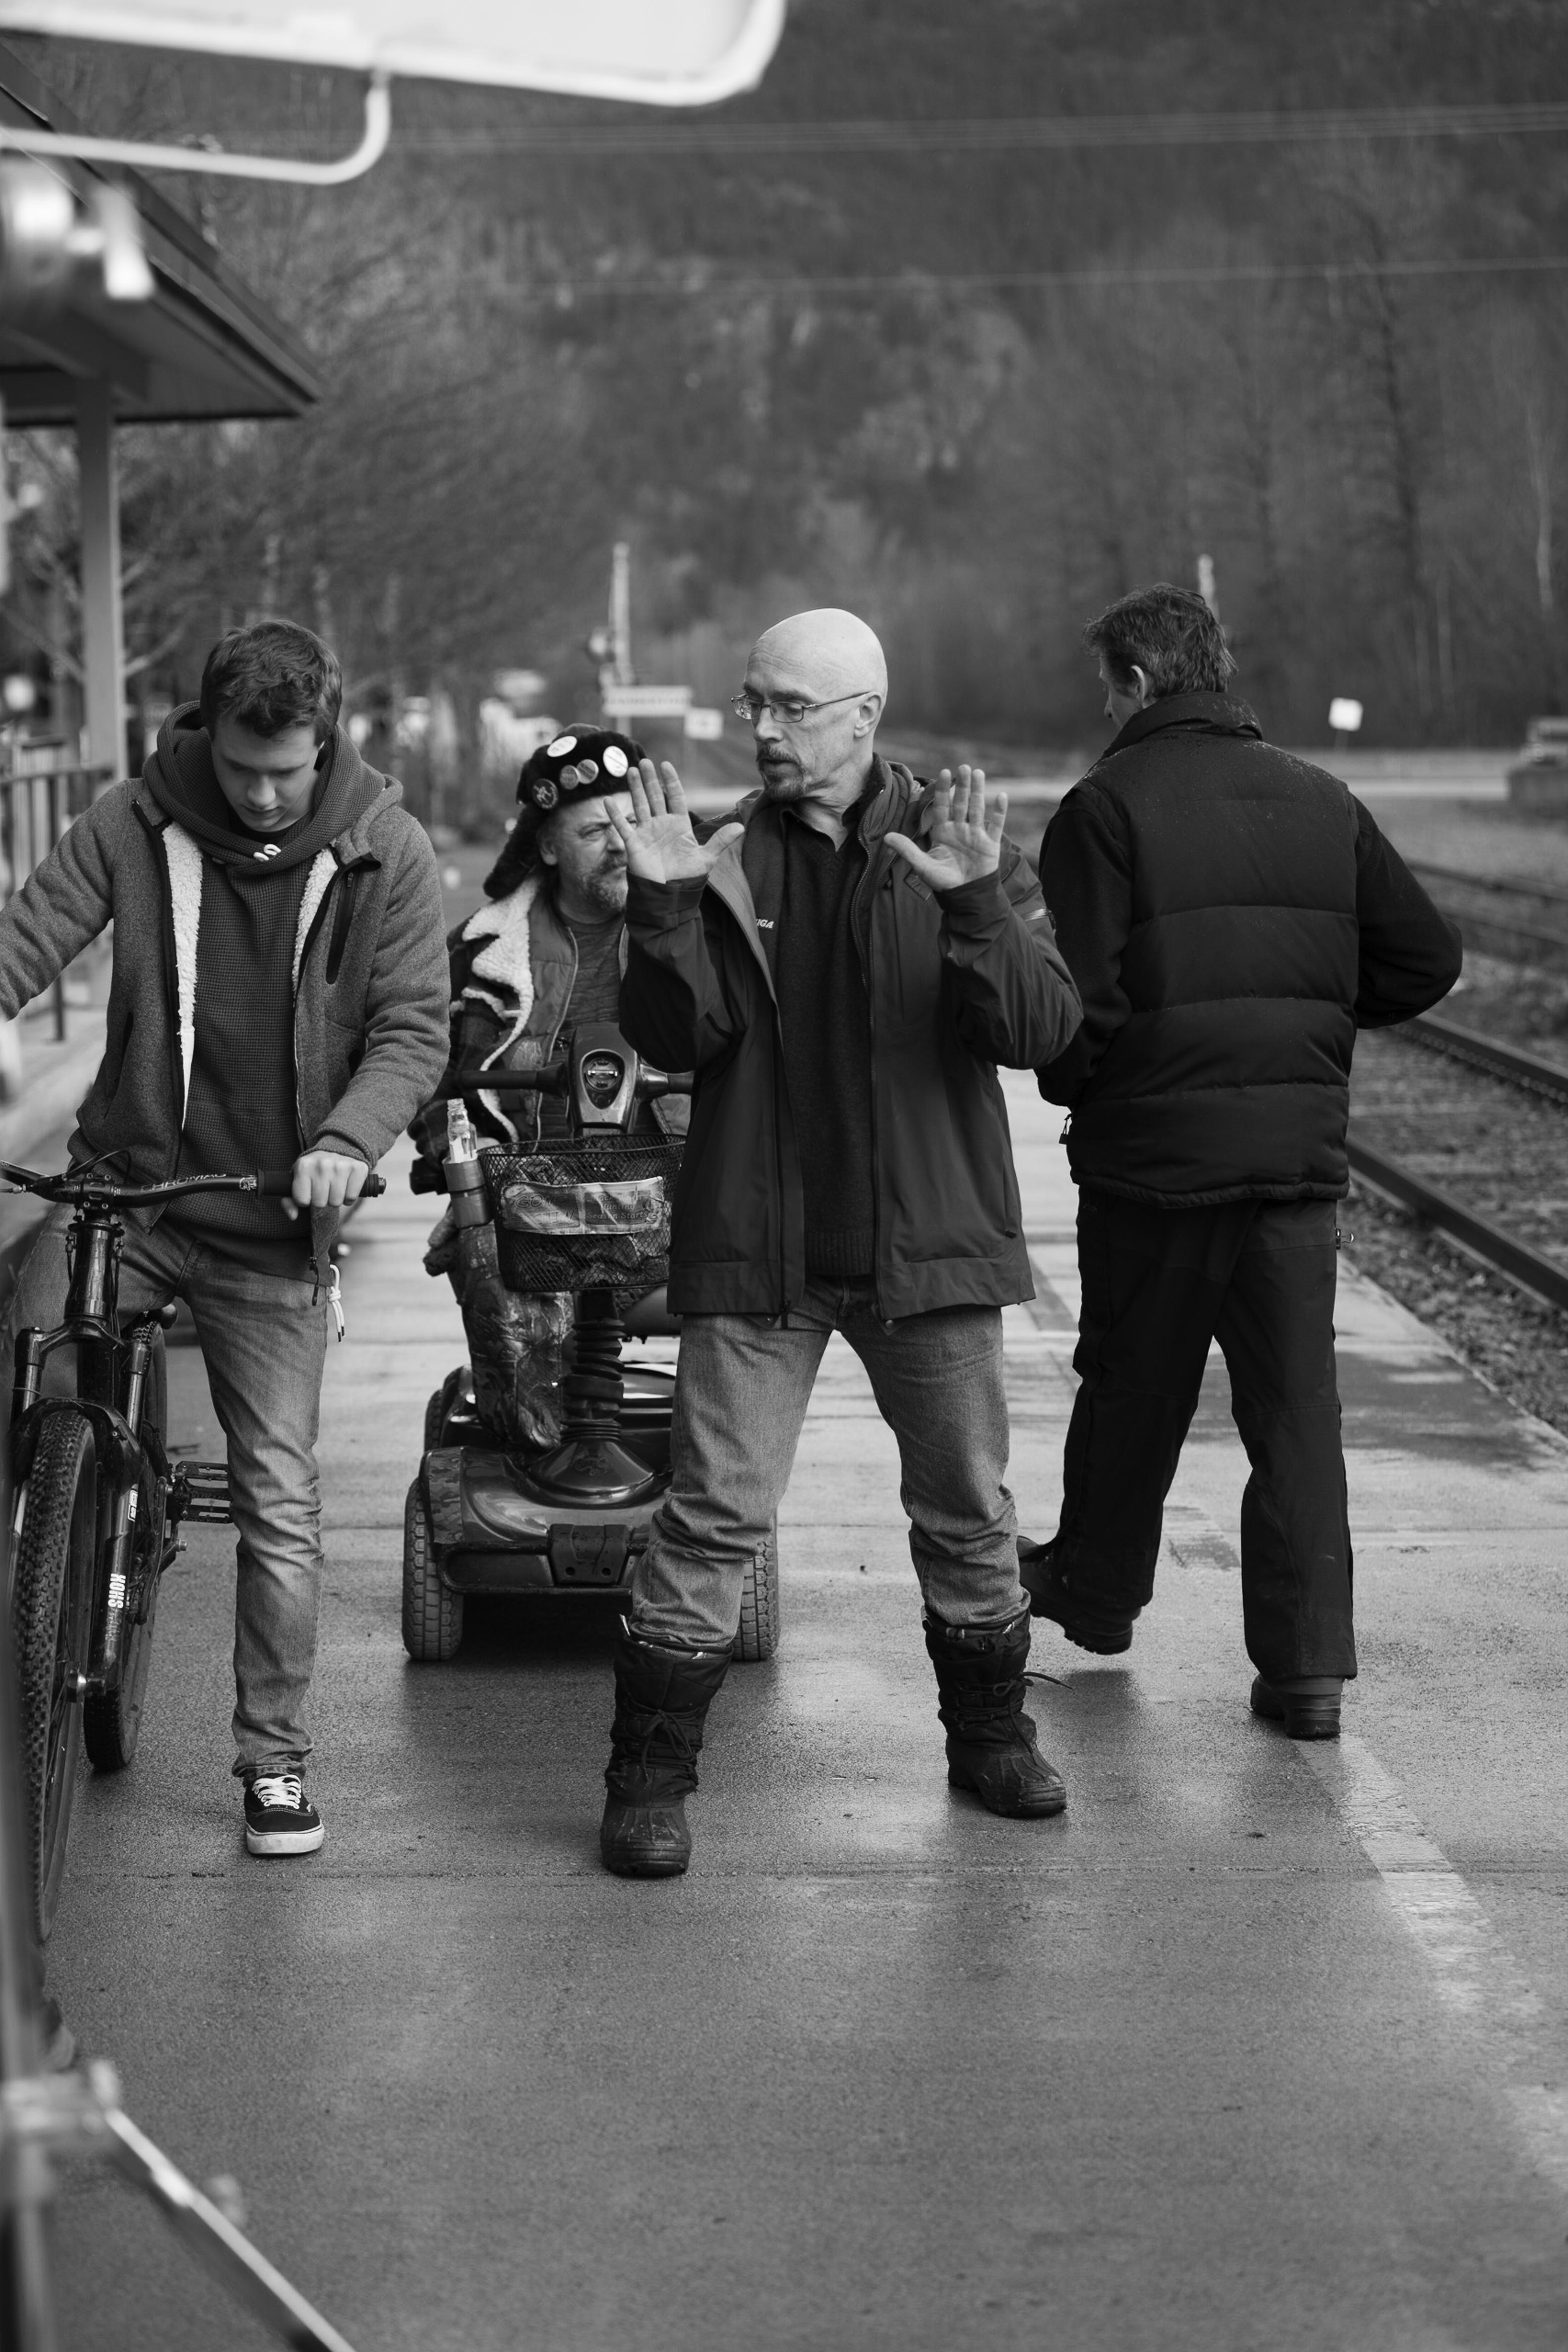 brenda-falvey-film-stills-production-photographer-whistler-47